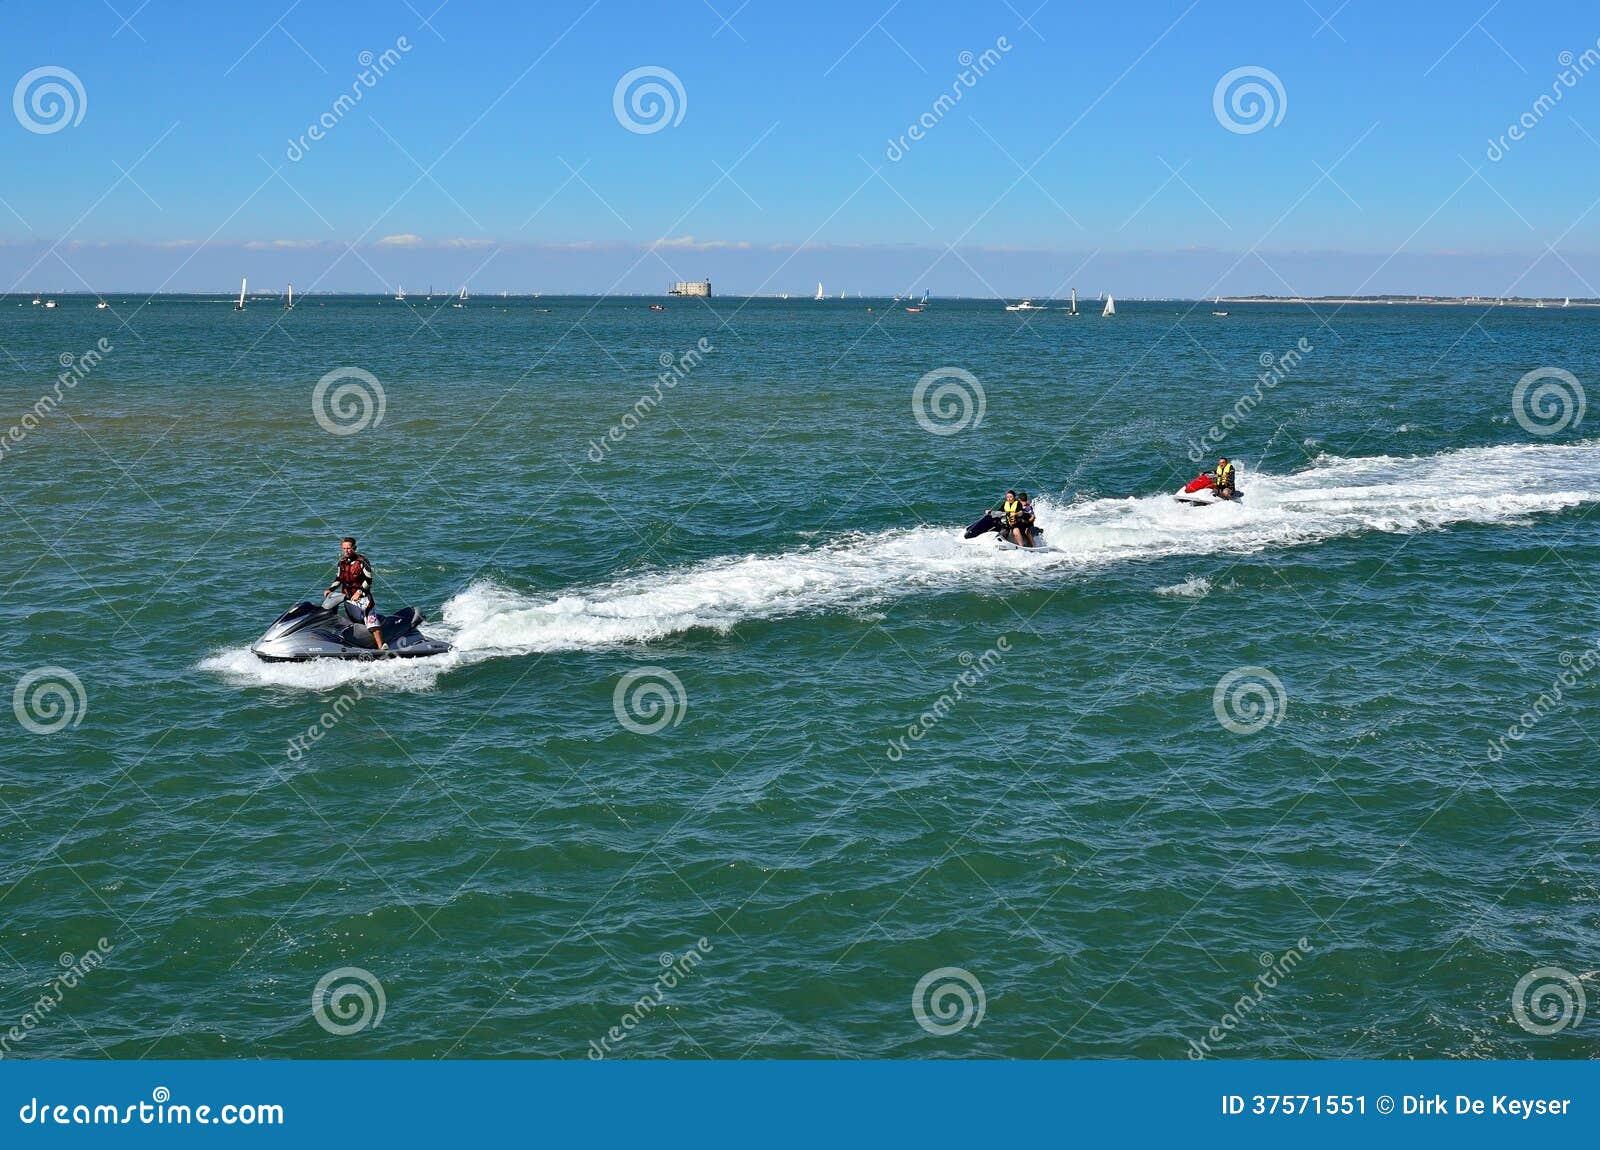 Ski jets returning to harbor in Boyardville on ile d oleron, France